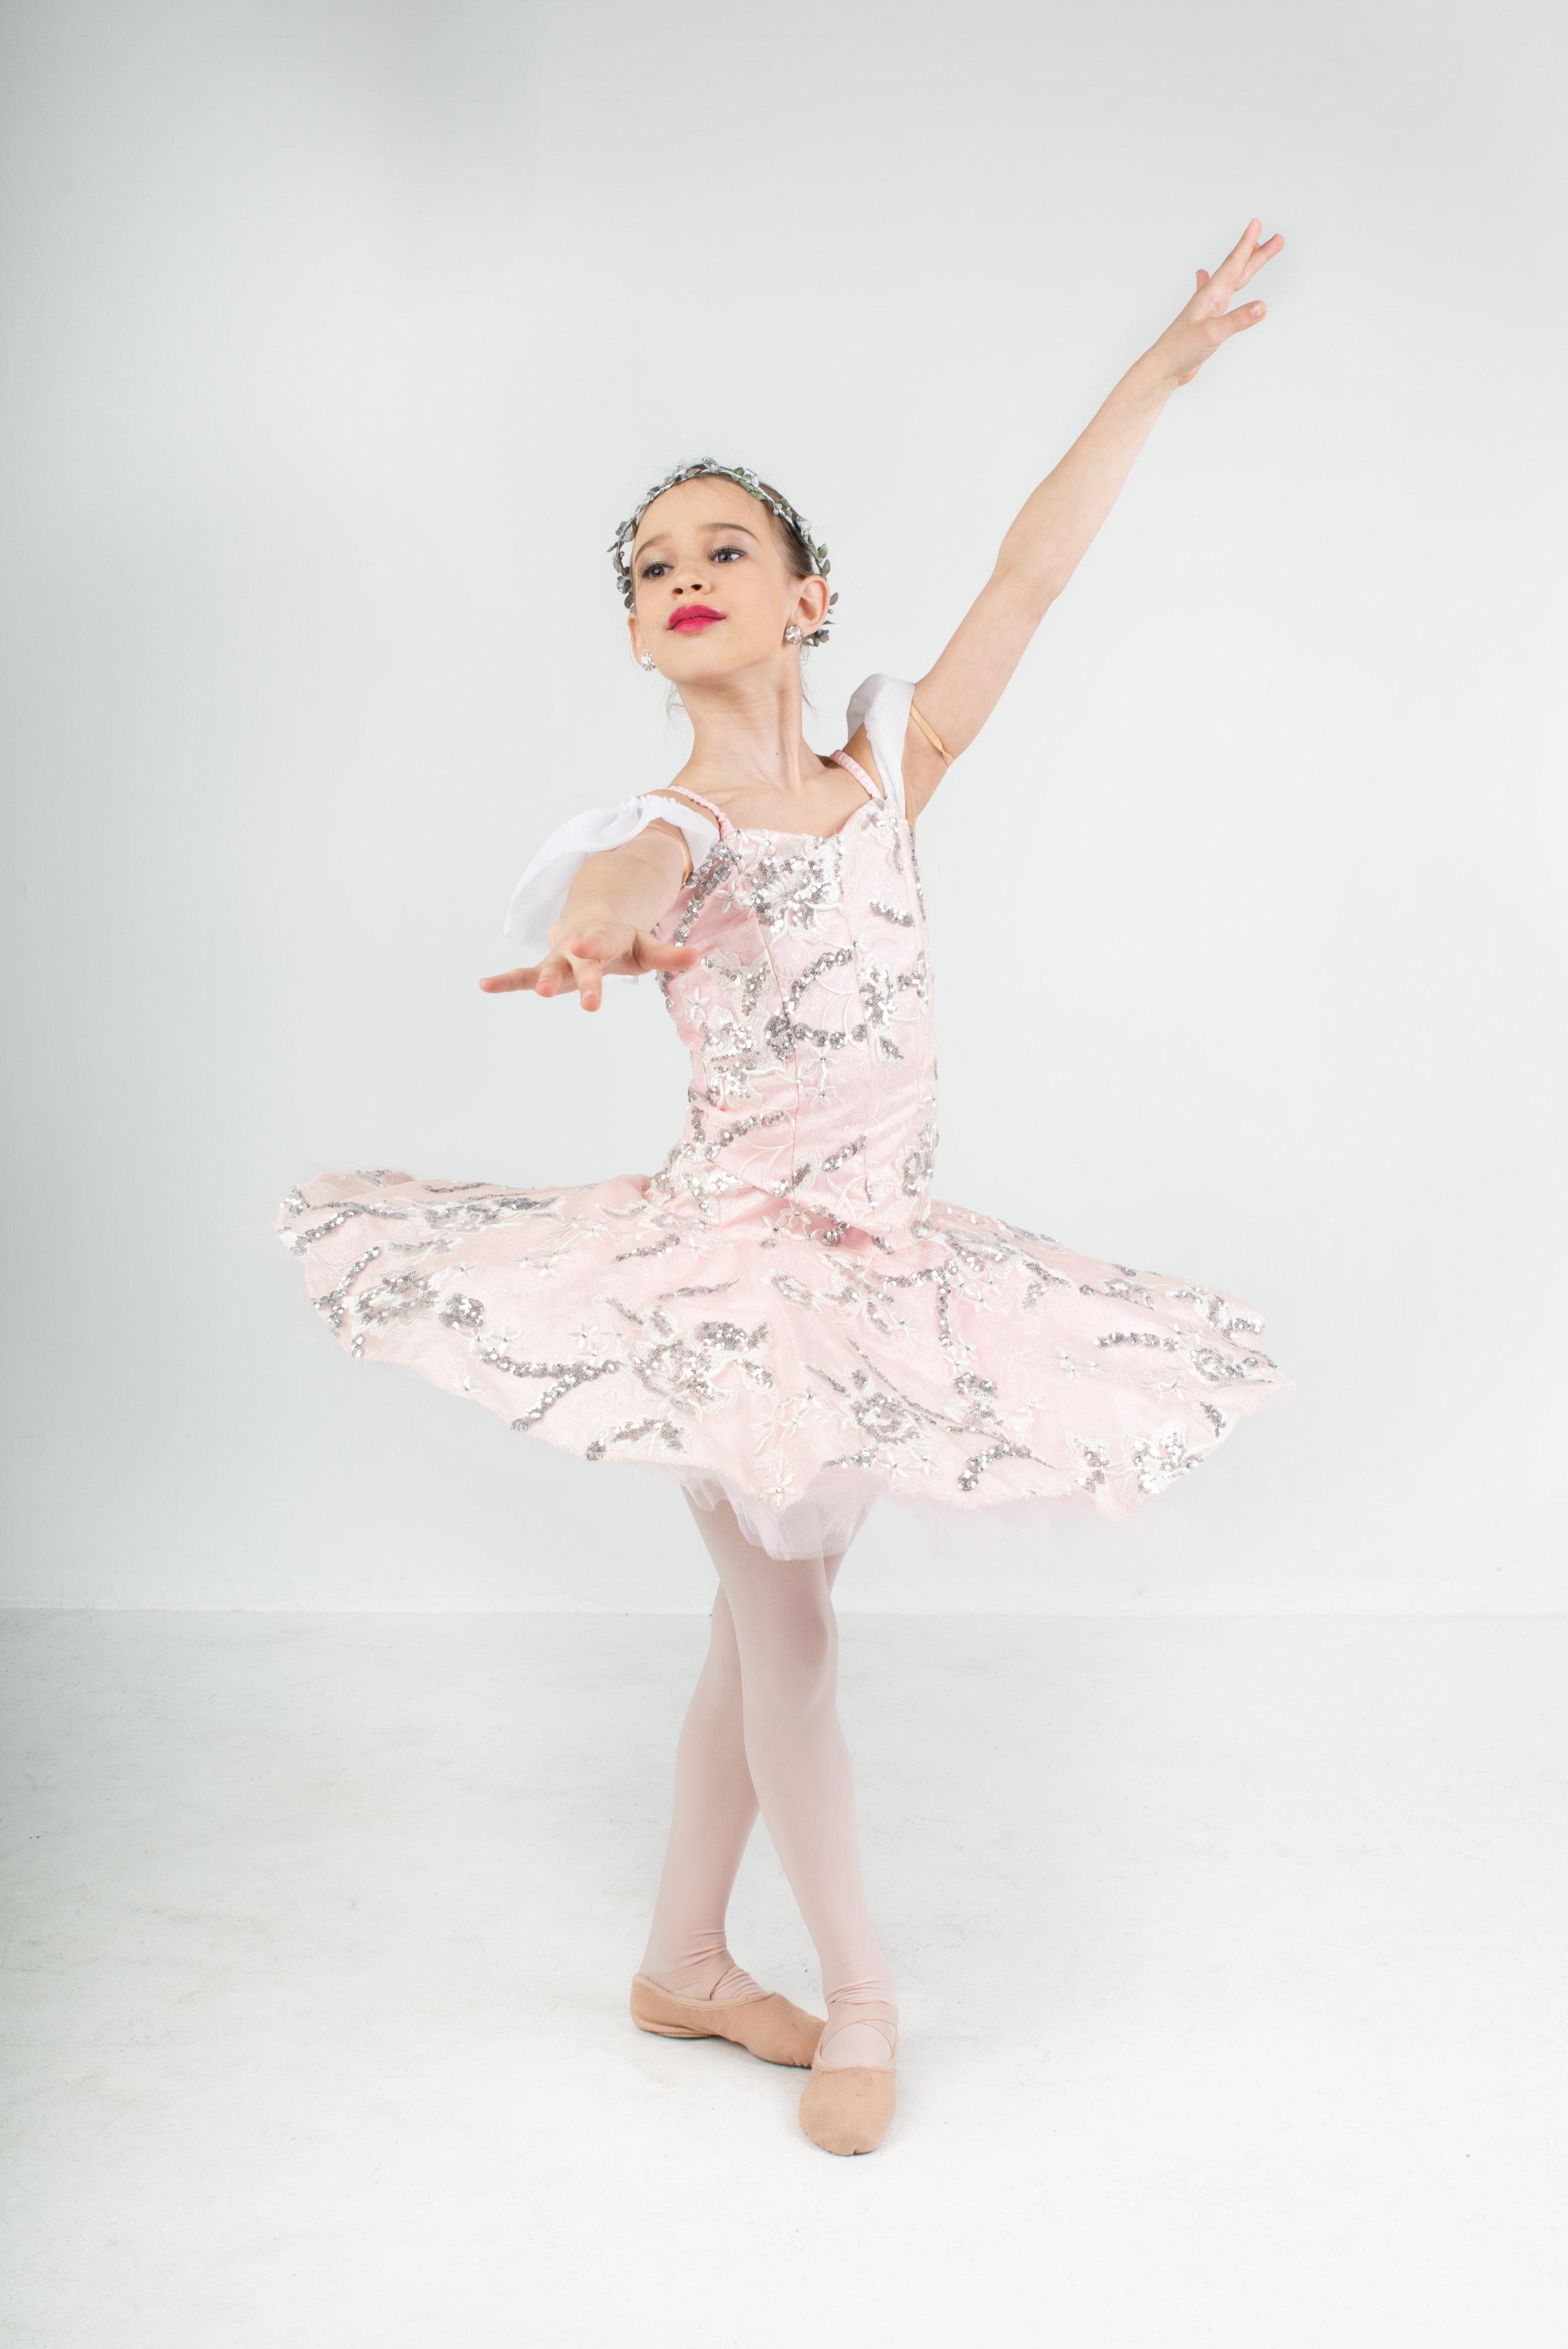 Minneapolis ballerina